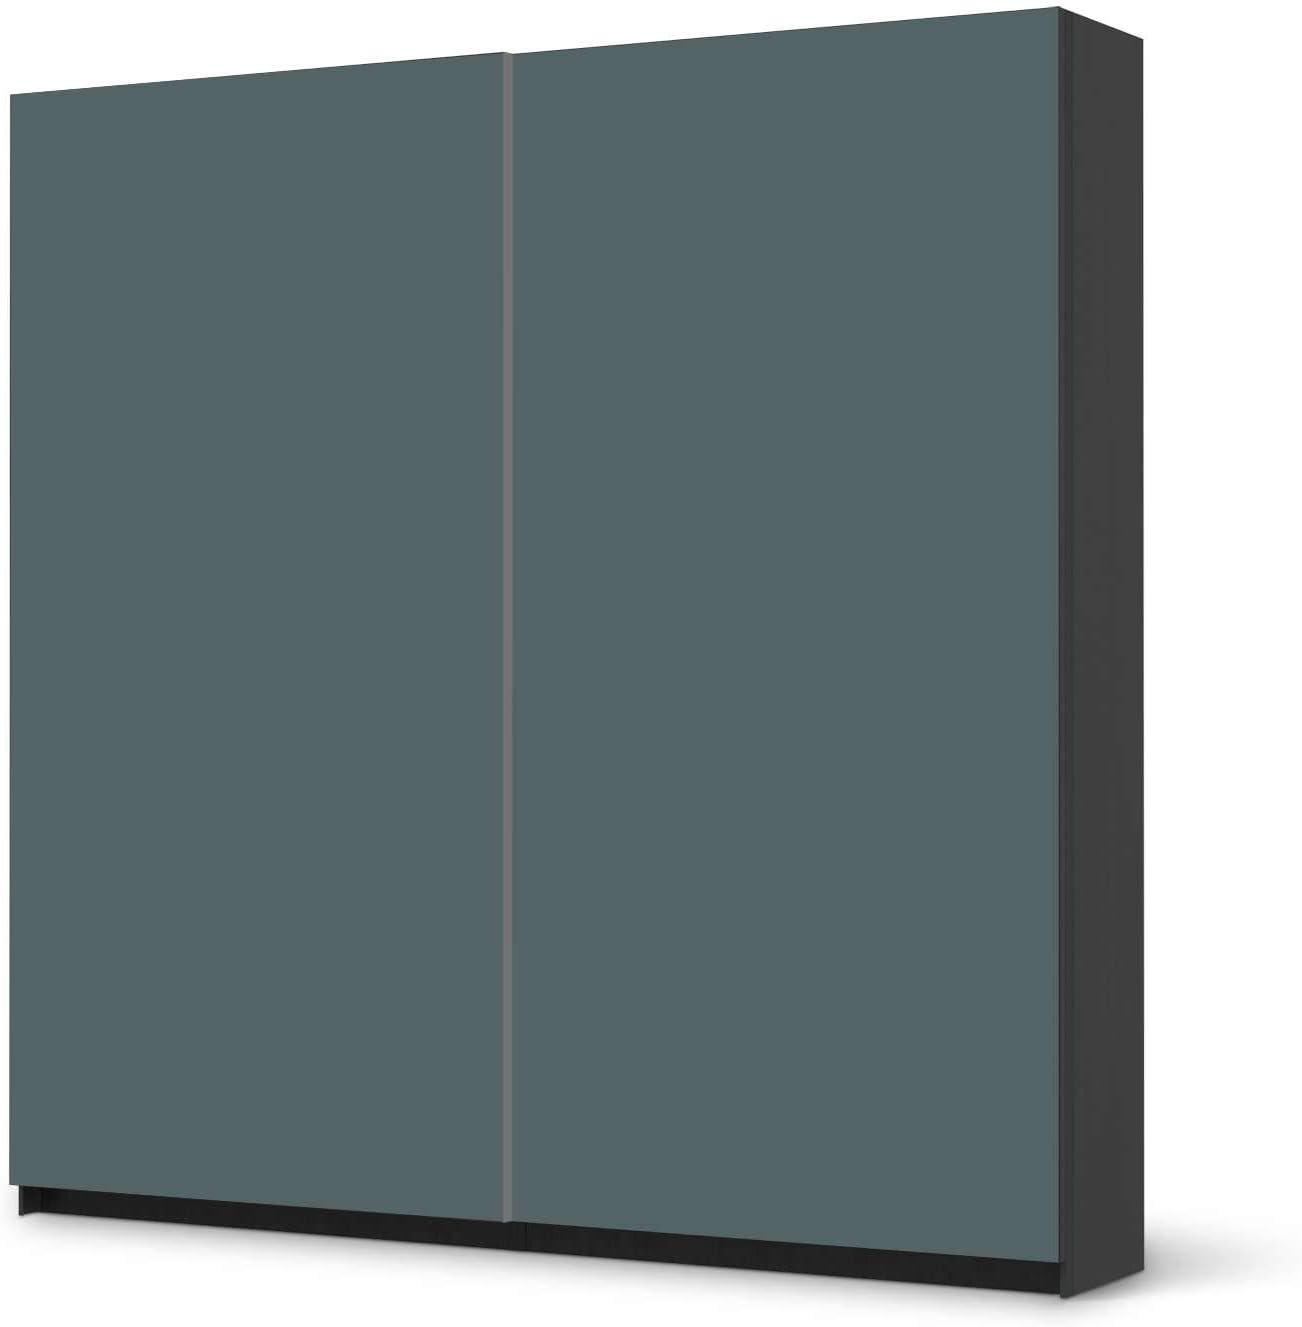 Los muebles-Sticker IKEA PAX armario de 201 cm de altura - puerta corredera/con diseño de pegatinas de colour azul y gris 2/y protector autoadhesivo: Amazon.es: Hogar